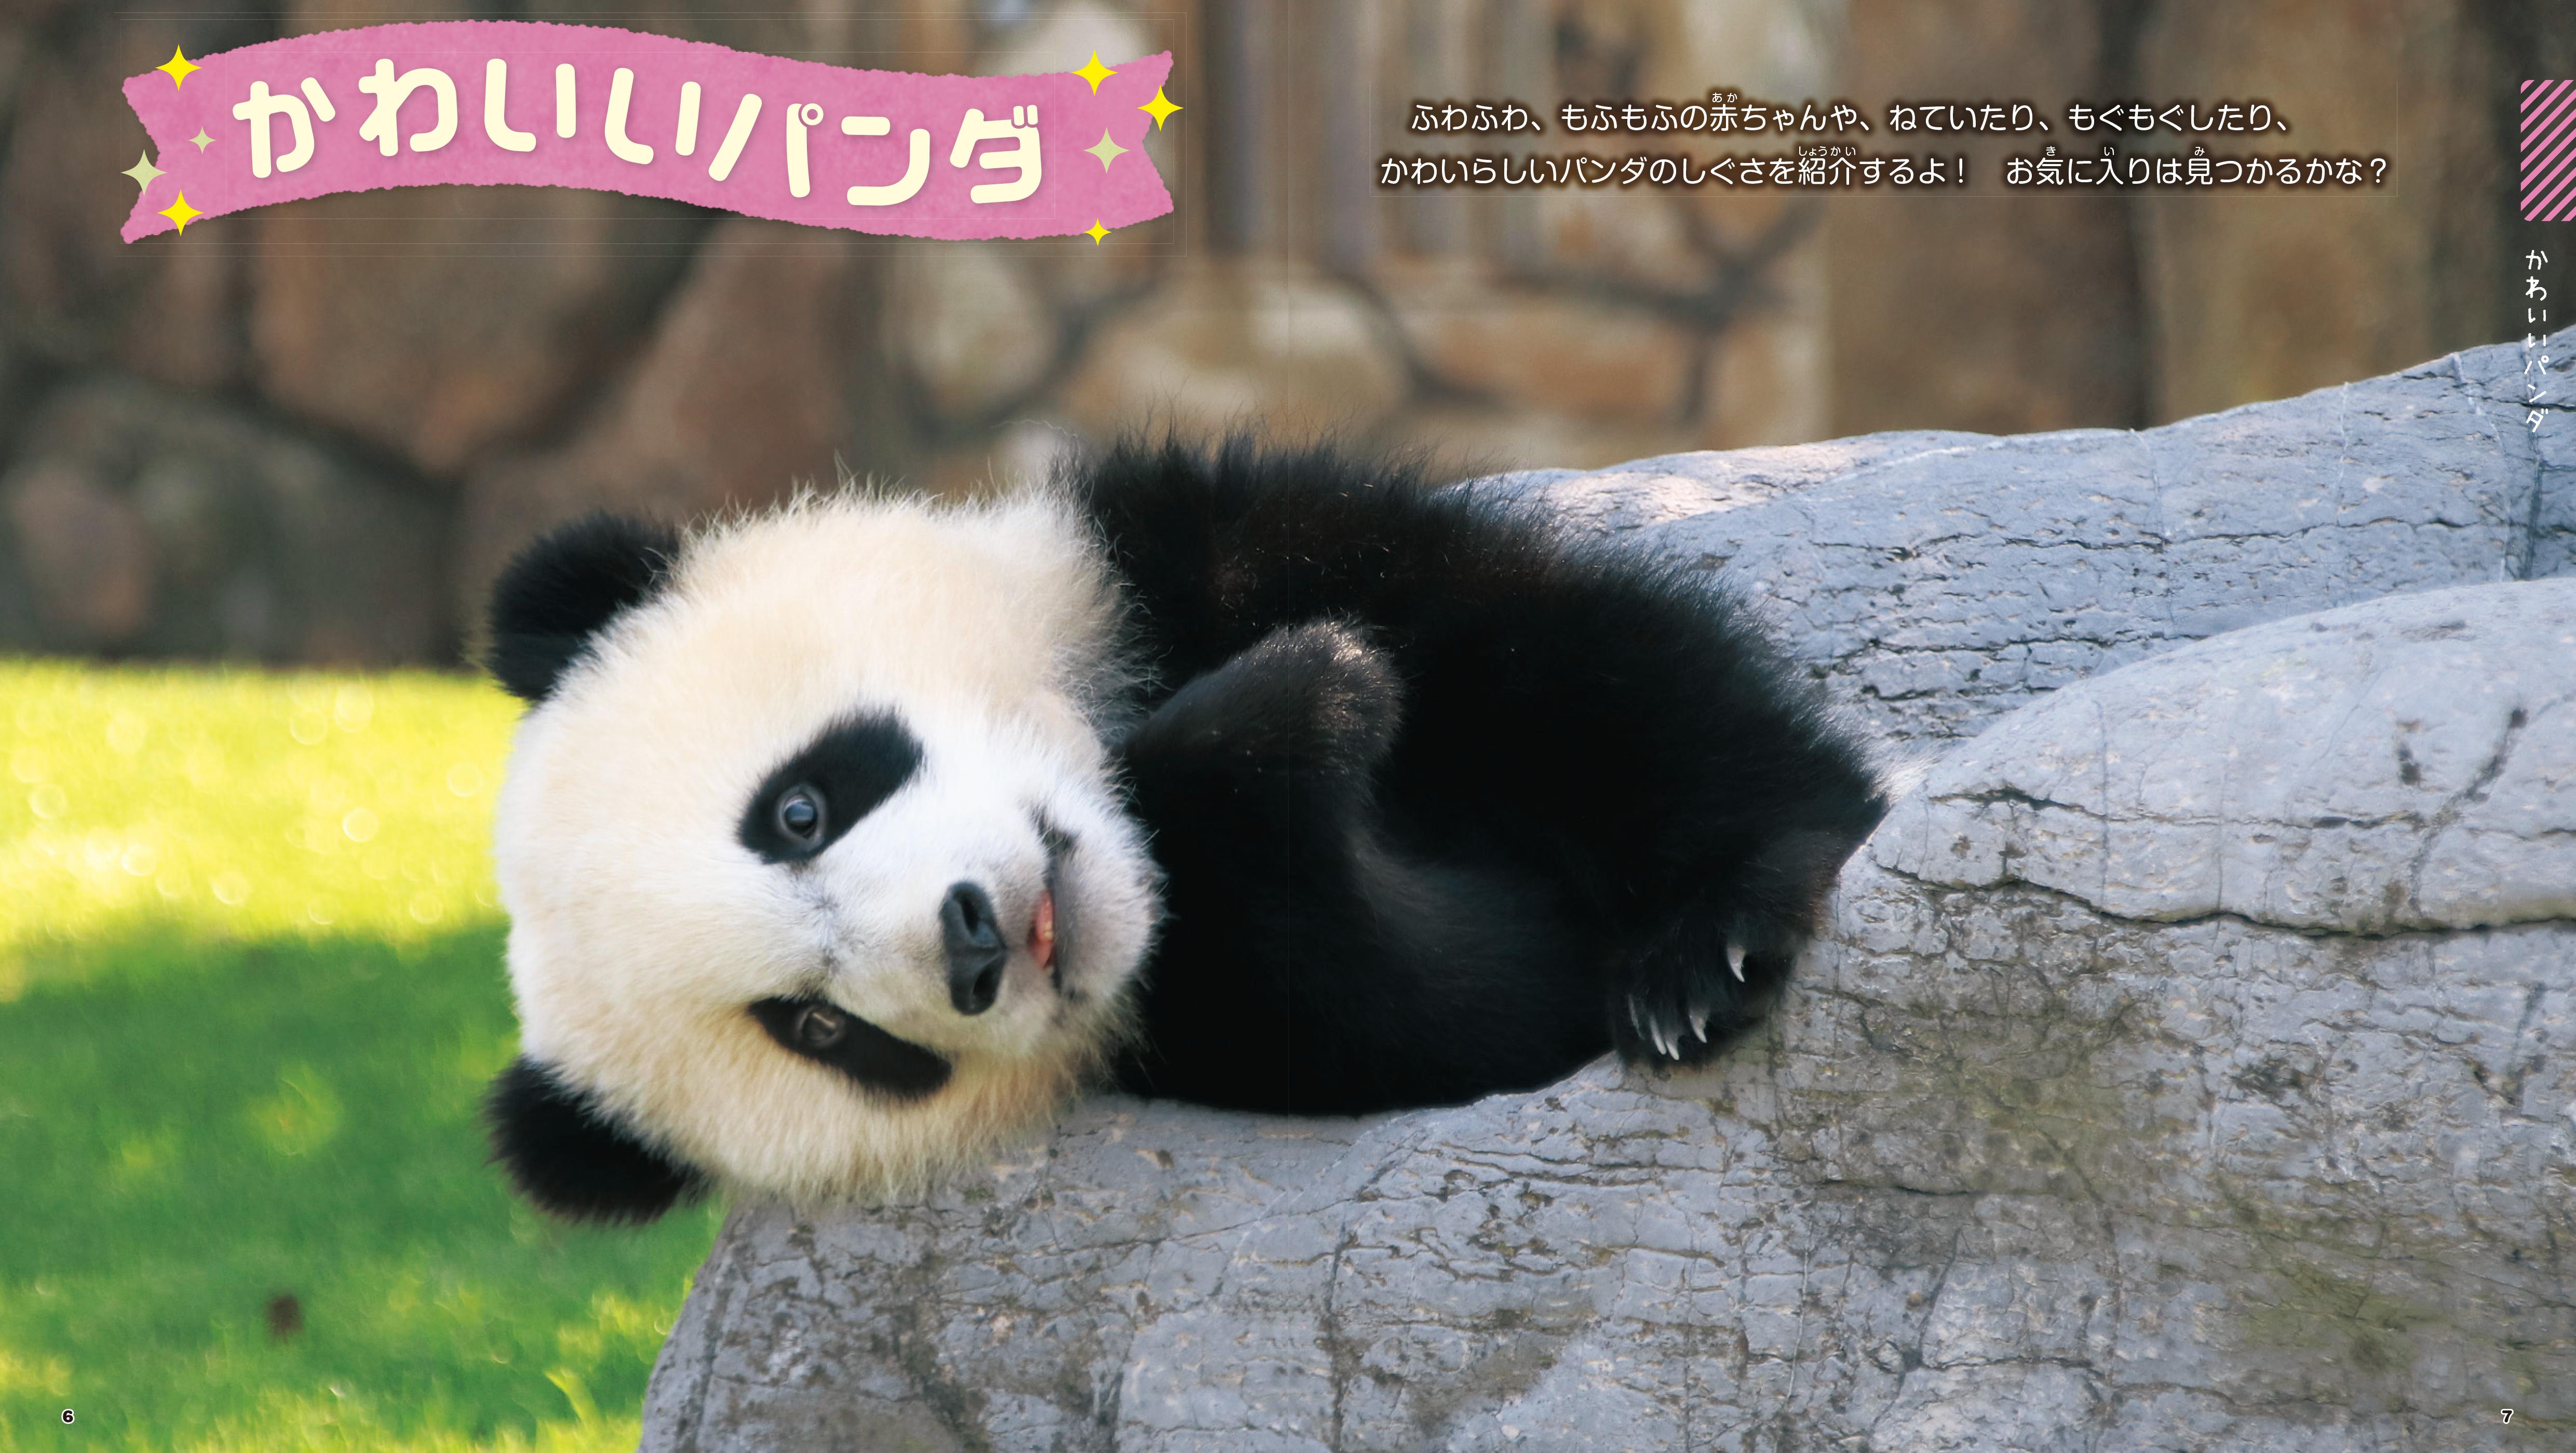 「かわいいパンダ」紙面